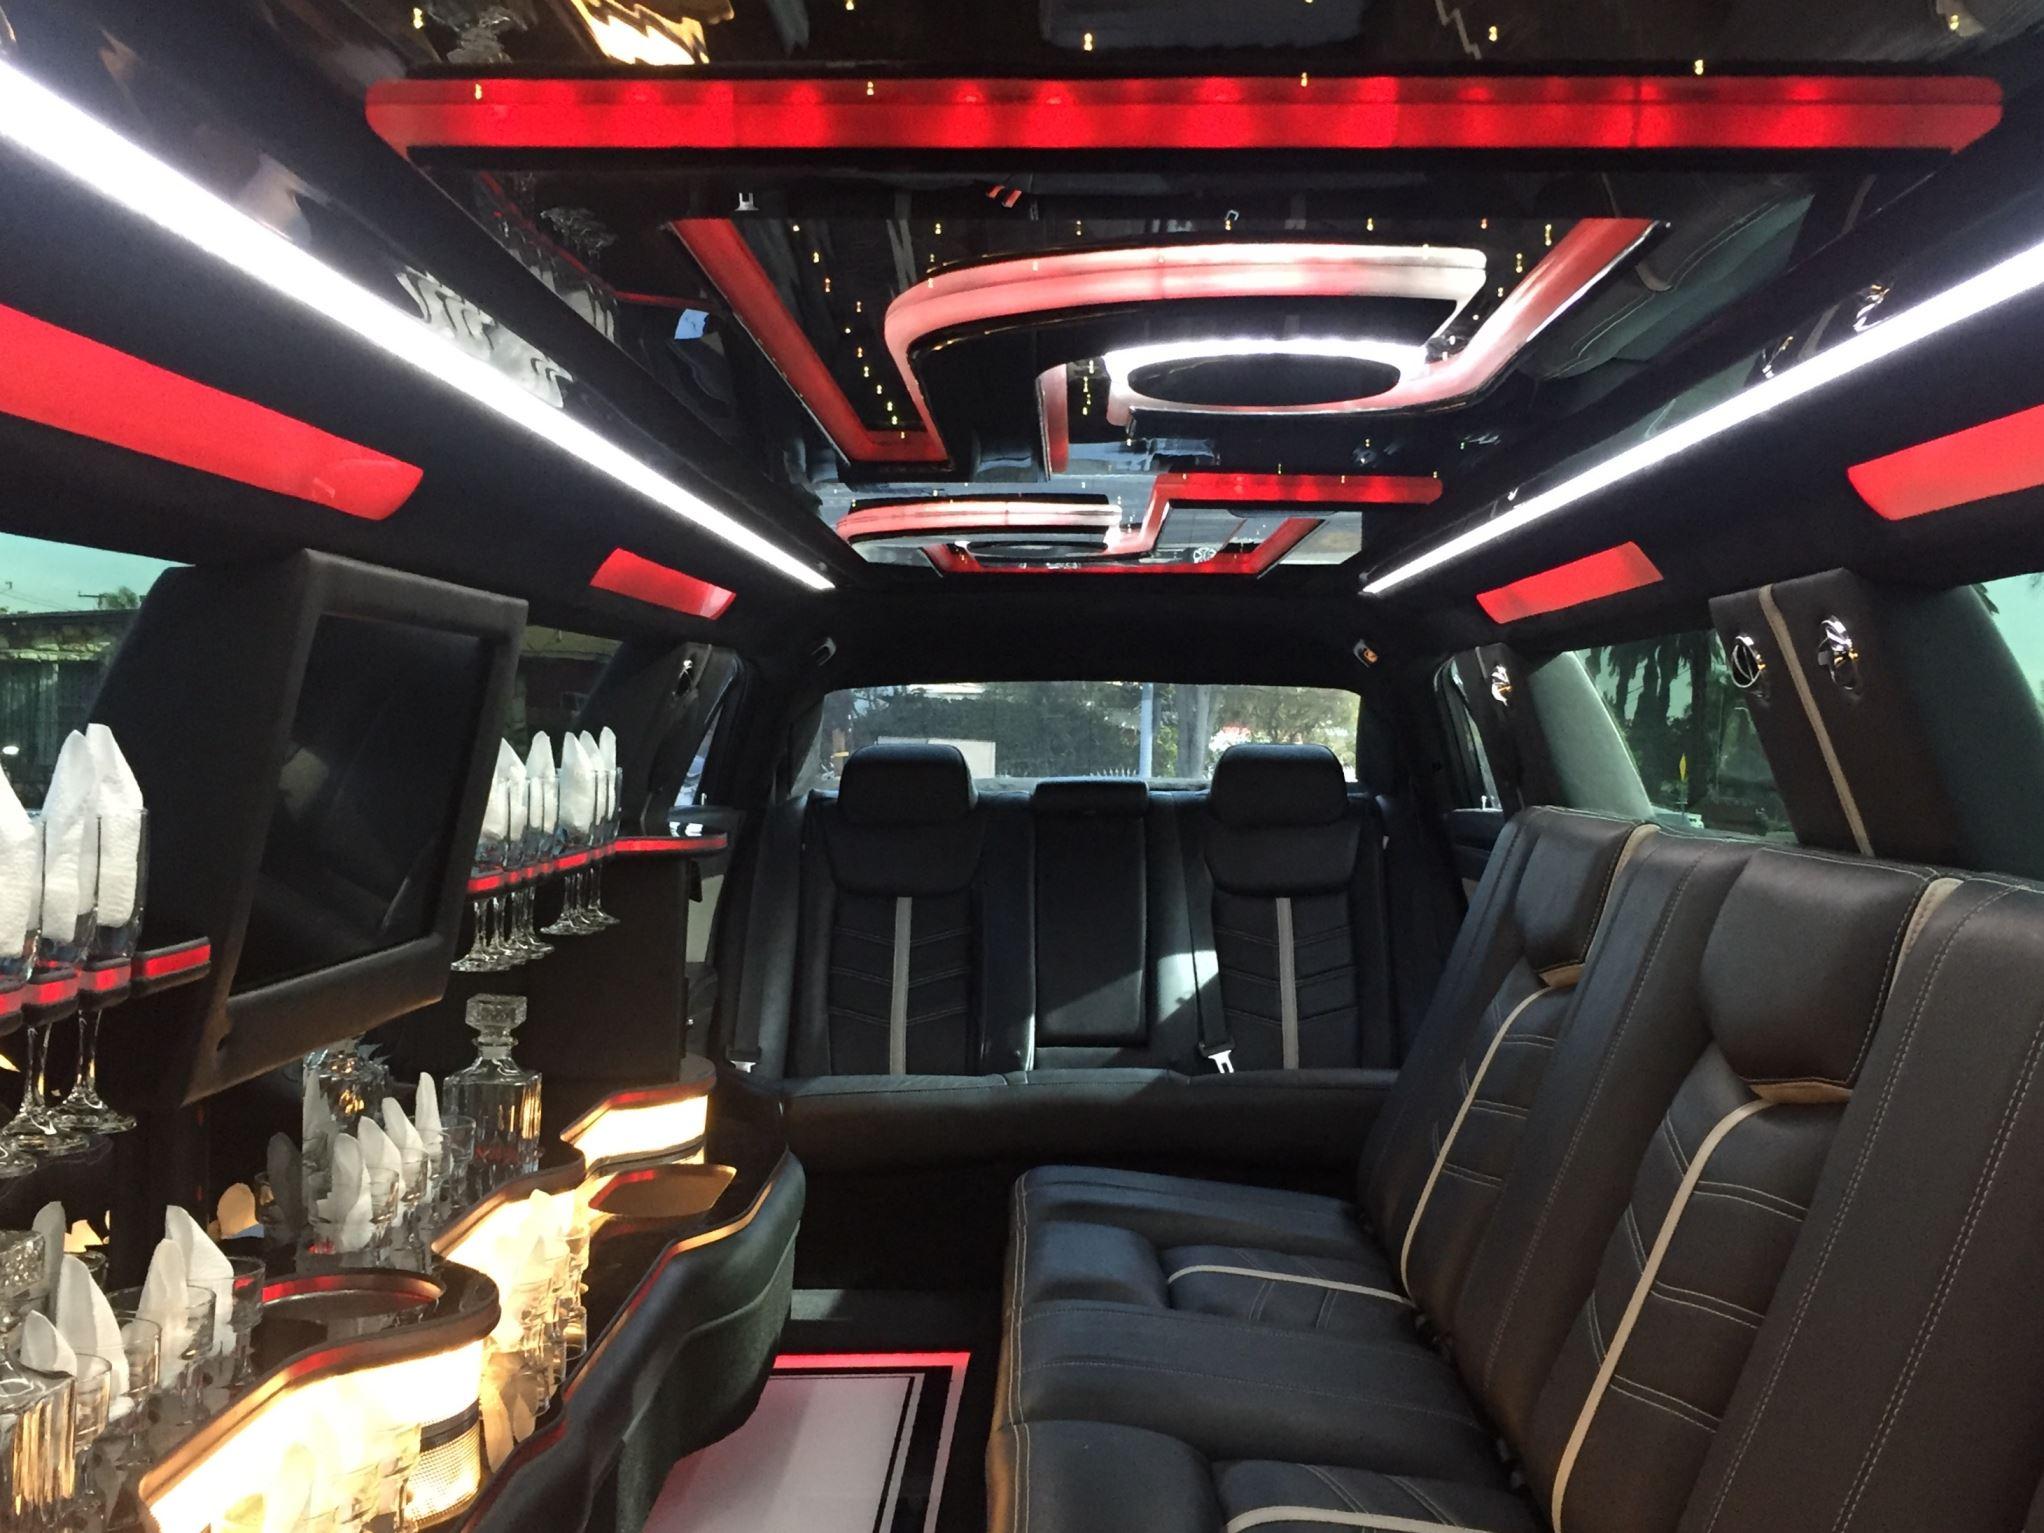 2015 White Chrysler 300 180 Inch 5th Jet Door 1874